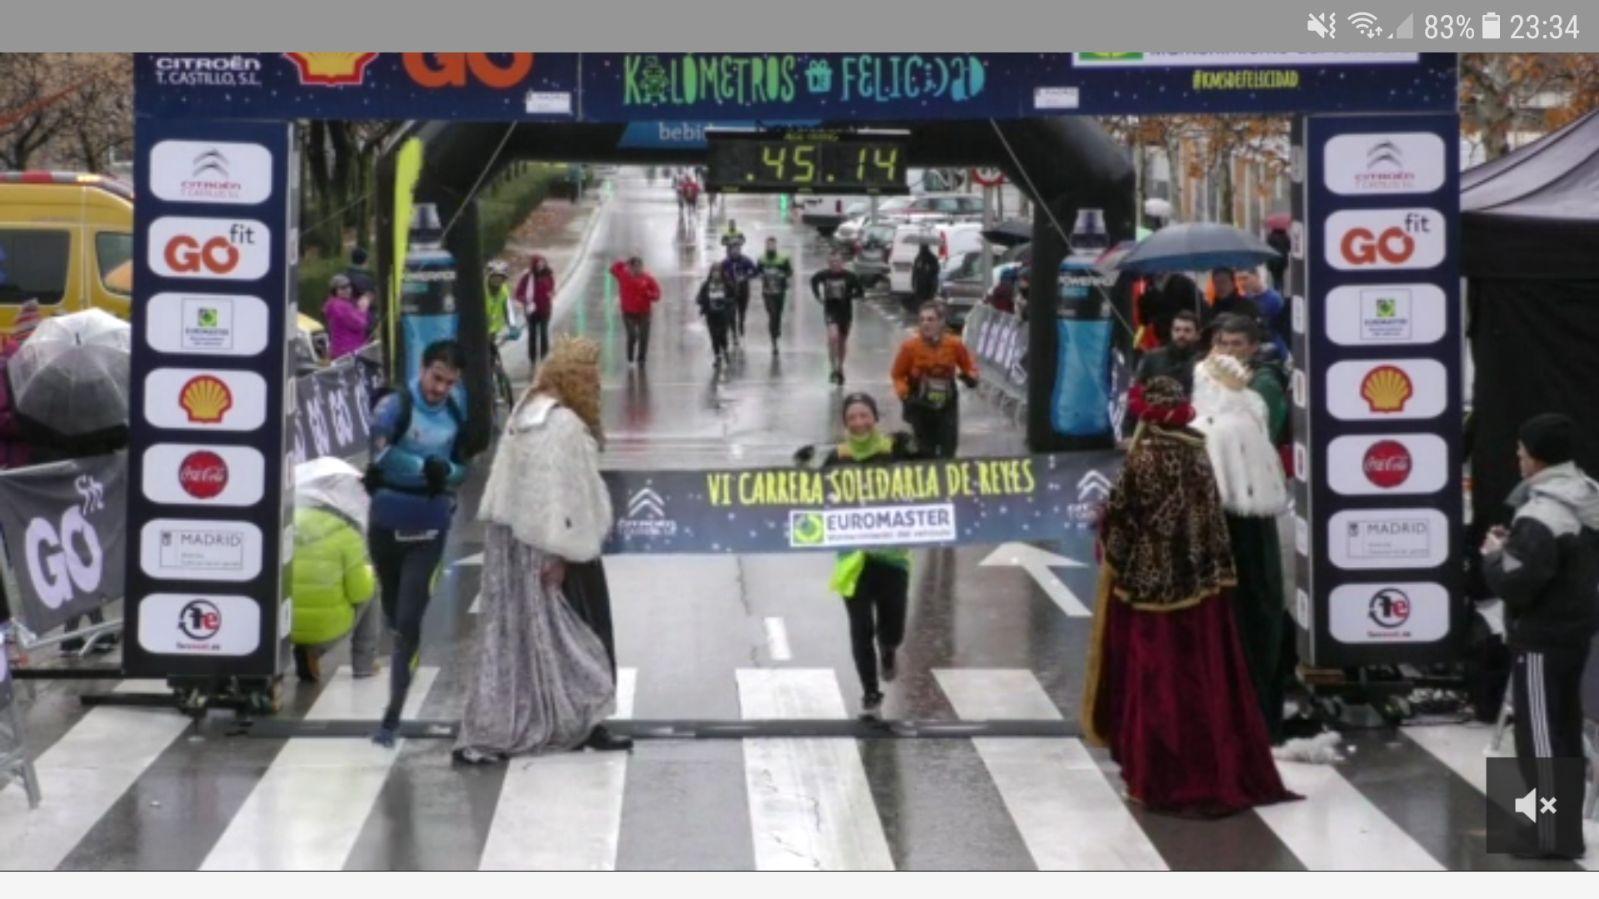 La carrera de Reyes con sabor Sprintero!